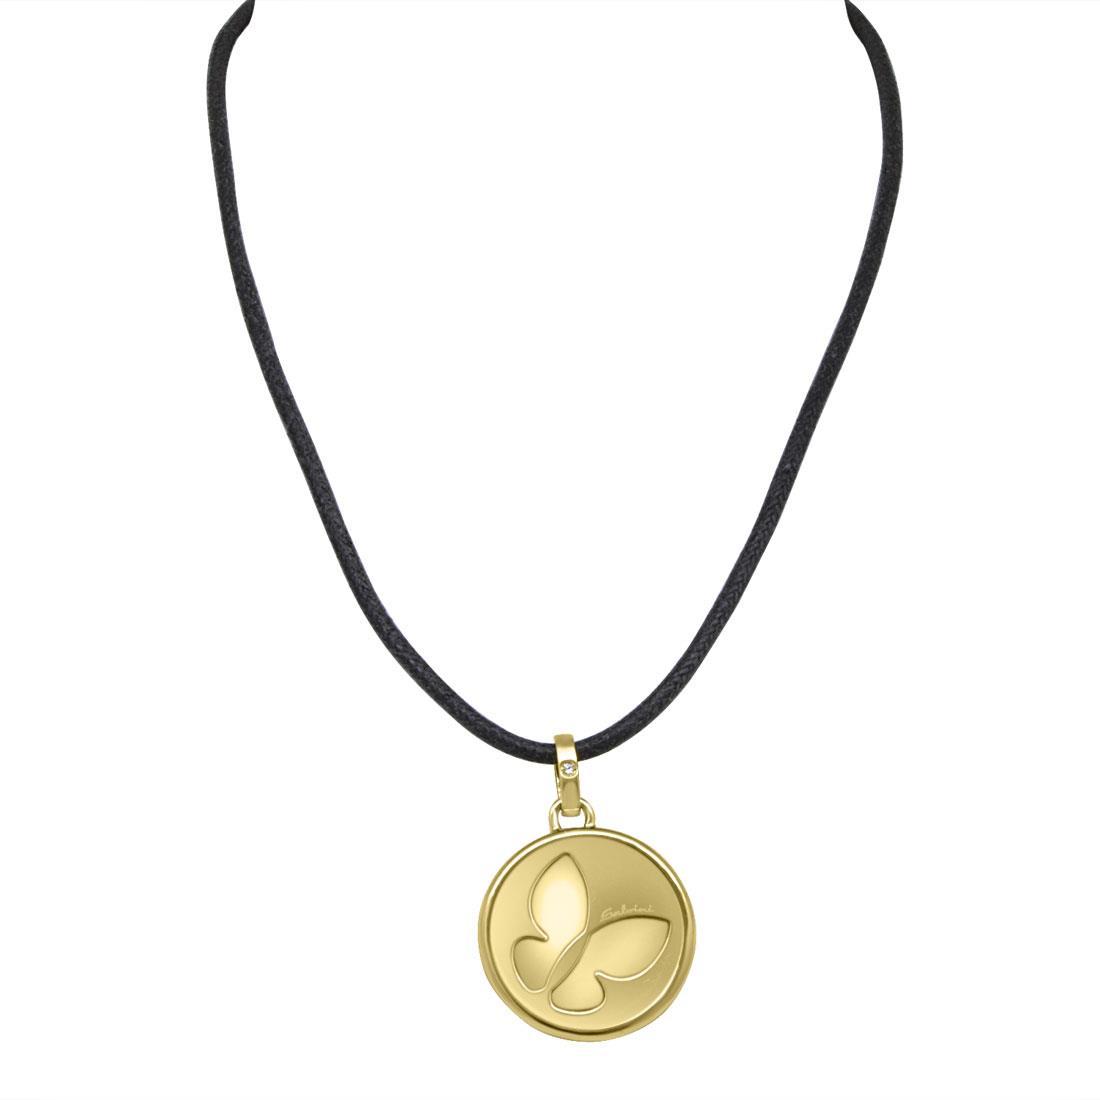 Collier con ciondolo in oro giallo - SALVINI